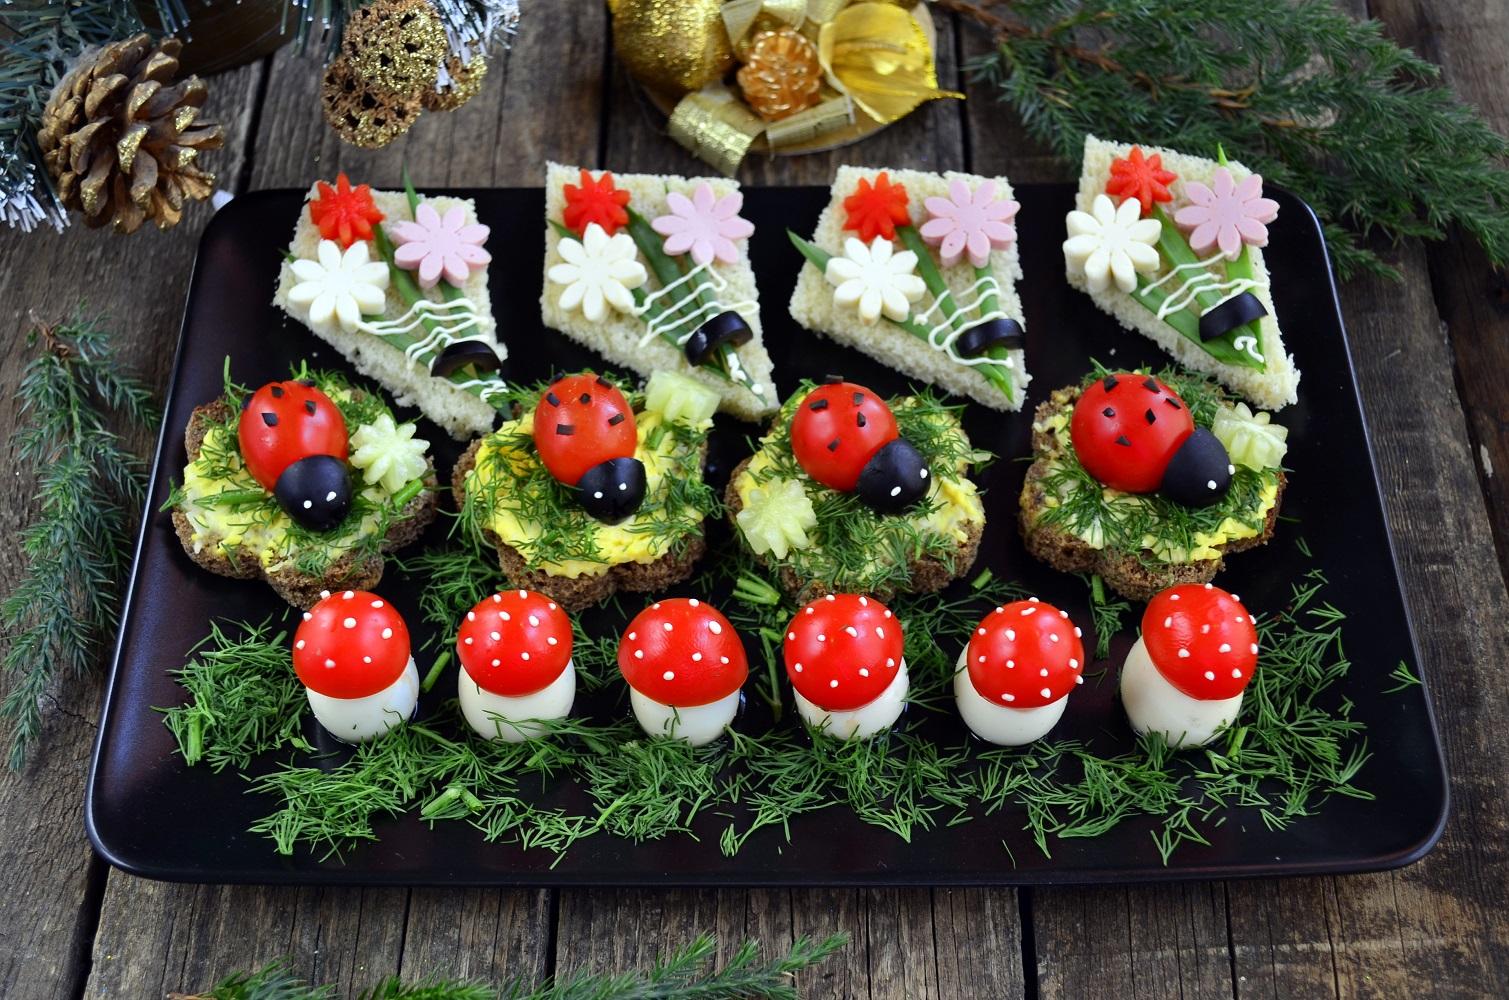 Холодные закуски также могут быть украшены в соответствии с новогодней тематикой